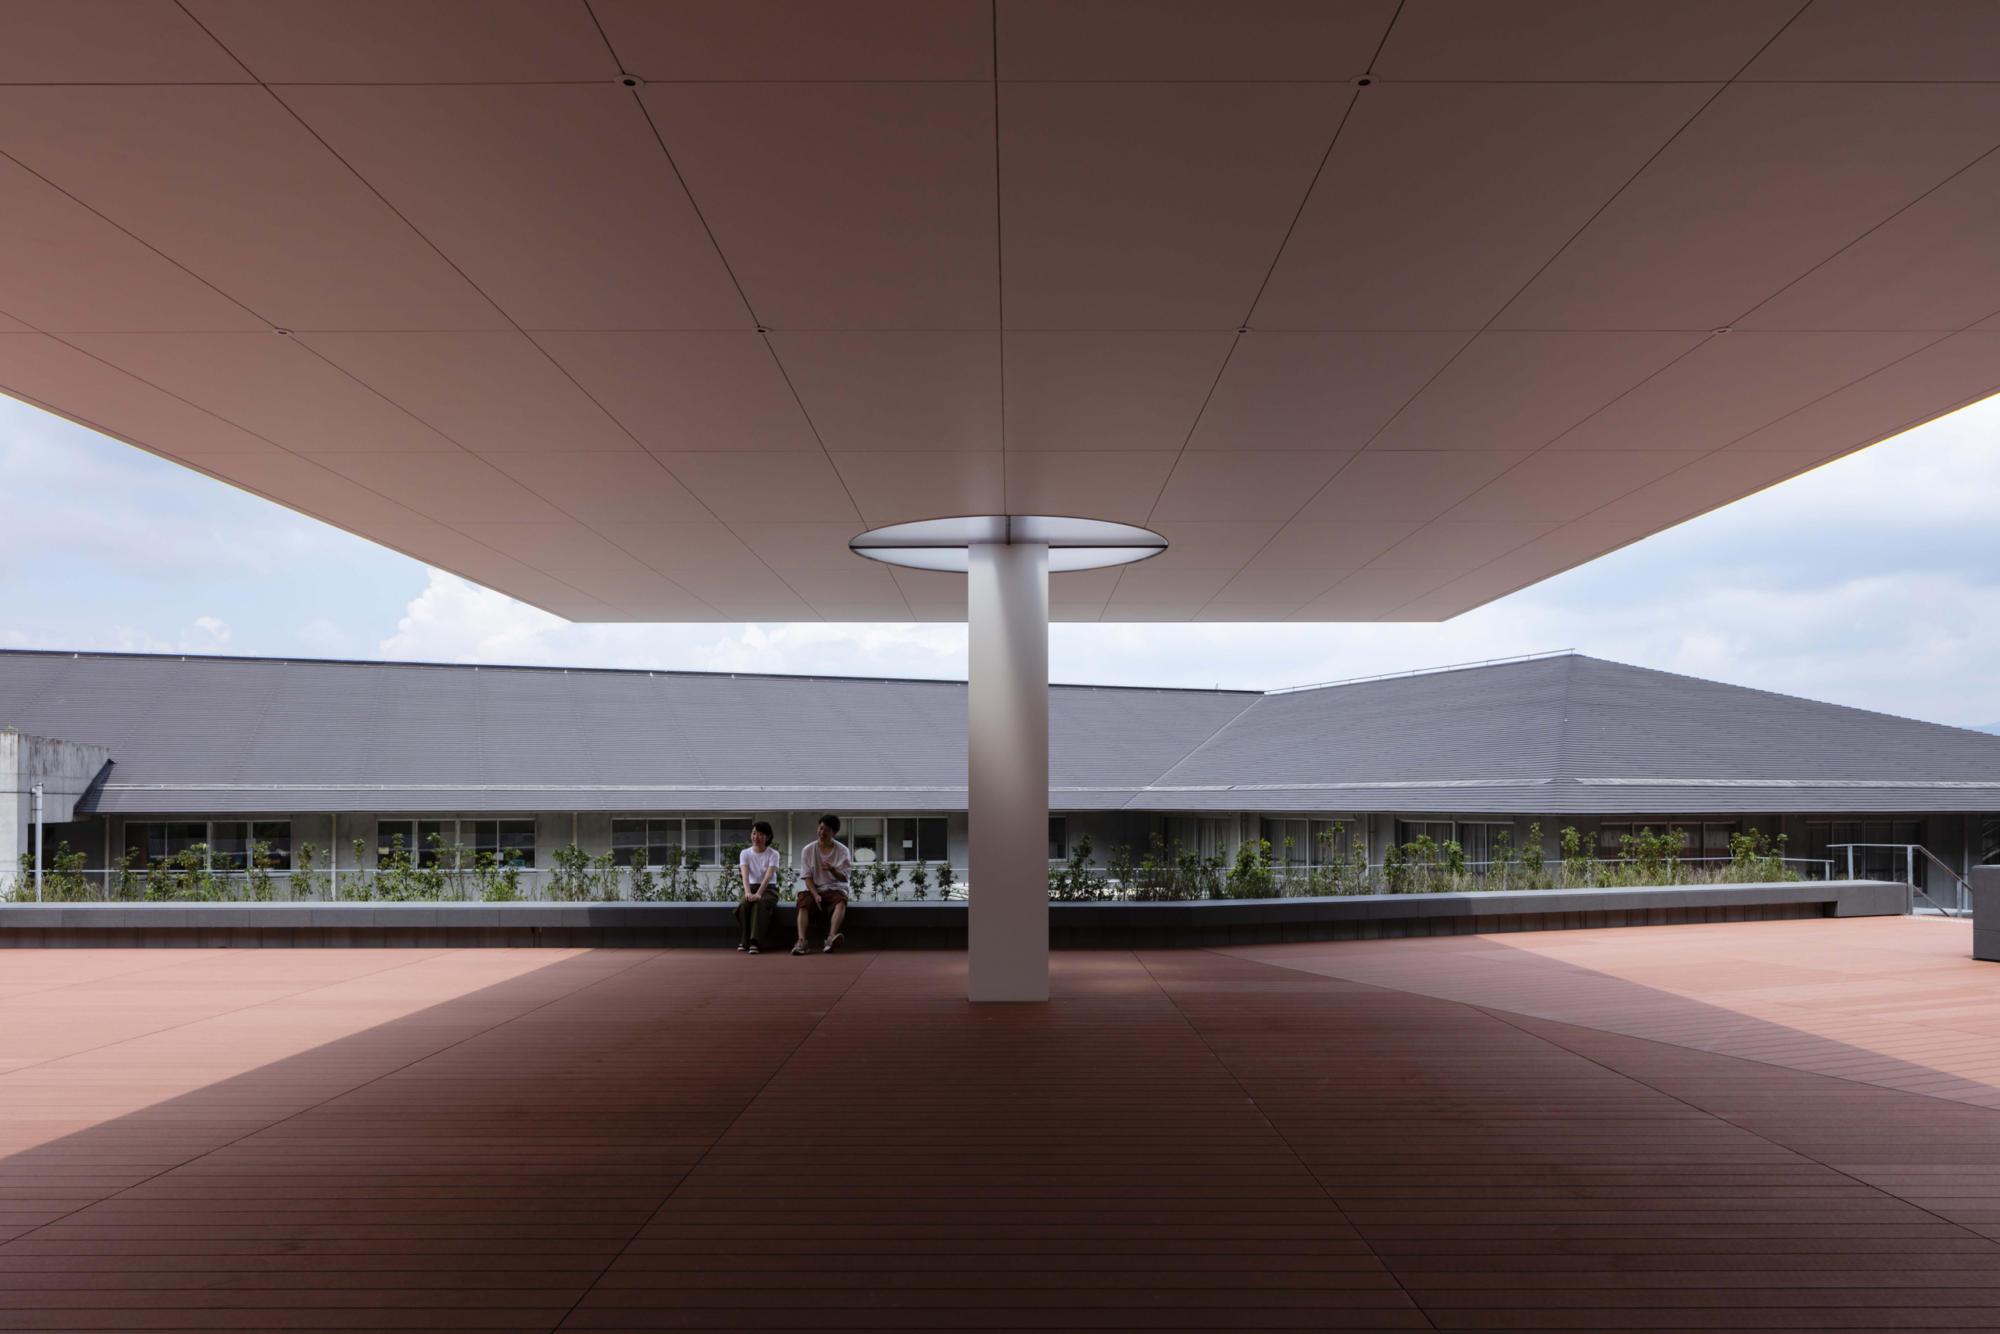 京都造形芸術大学 望天館 | WORKS |